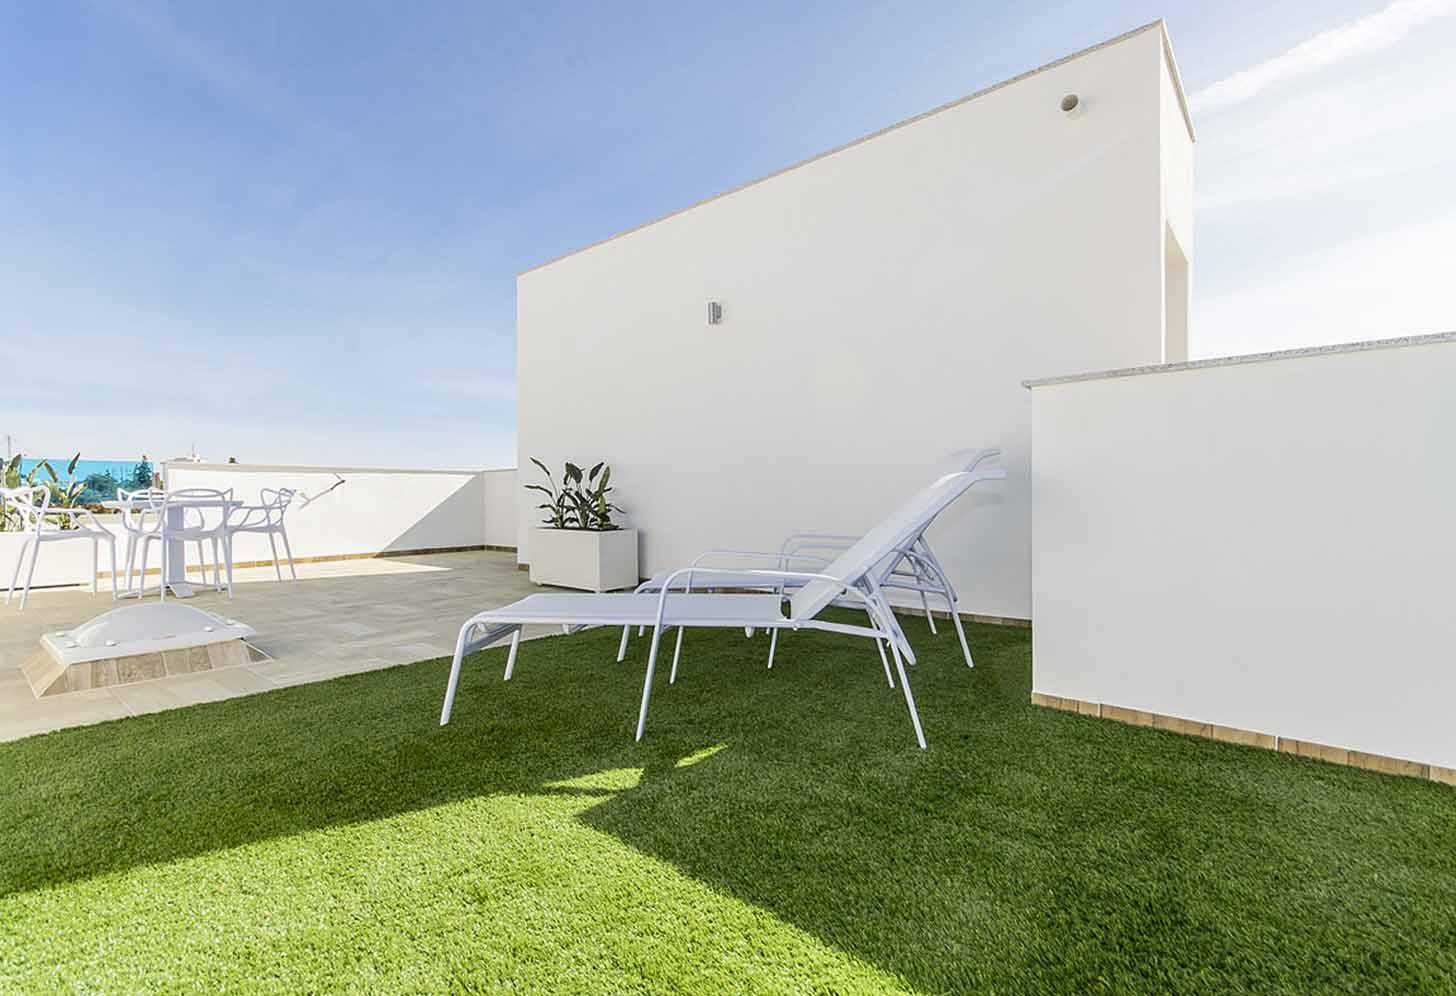 immobilier neuf espagne costa blanca on-f3 don benito bigastro terrasse